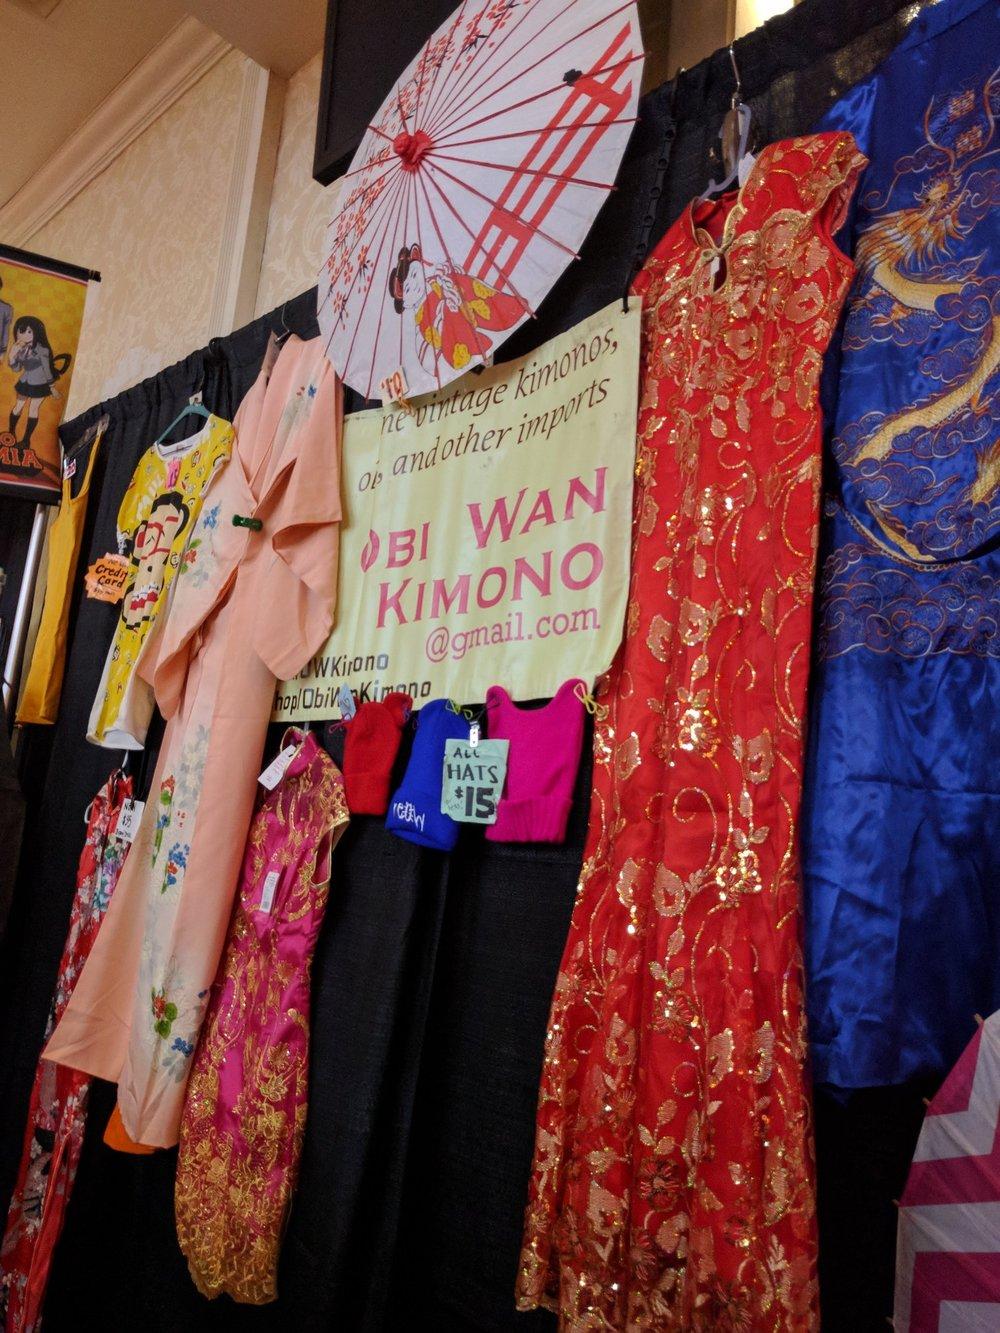 Photo credit: Obi Wan Kimono